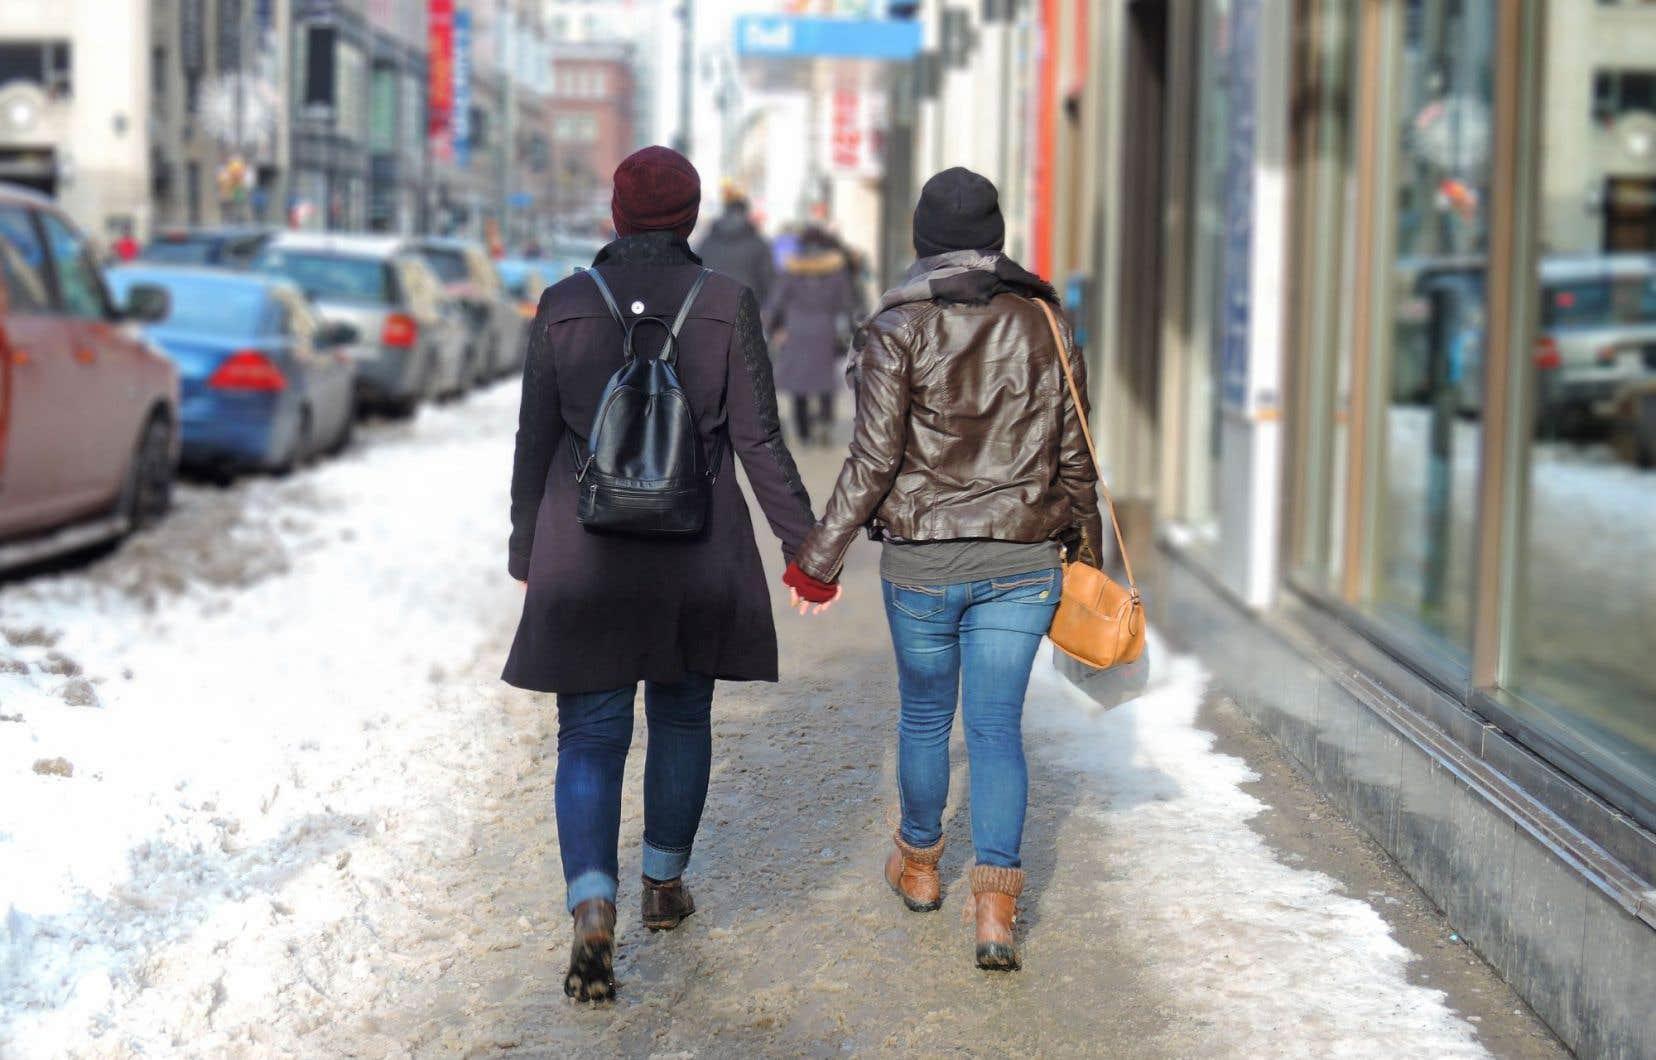 Il ne faudrait pas oublier que les personnes d'orientation homosexuelle figurent parmi celles dont les droits ont le plus progressé au cours des 30 dernières années, et ce, en raison d'un usage judicieux et souvent stratégique des chartes.